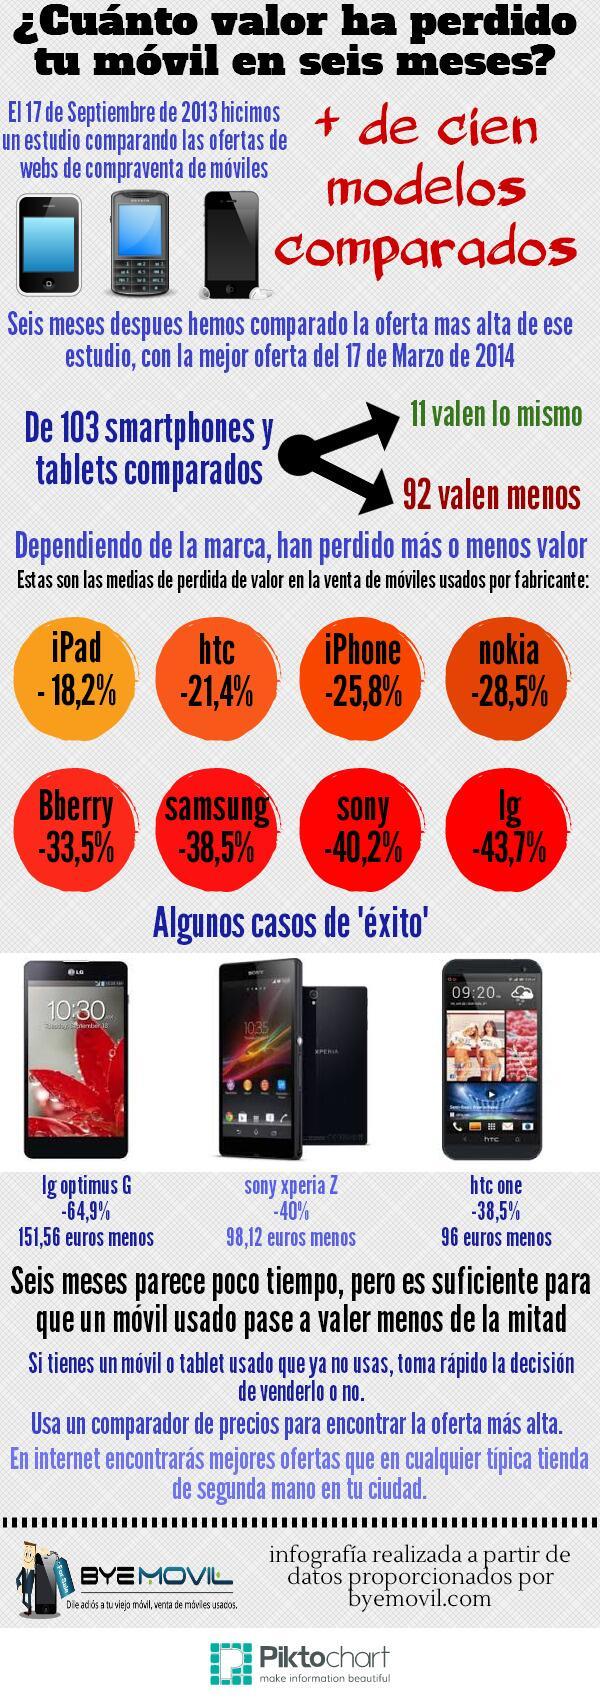 Cuánto pierde el valor de un móvil en 6 meses